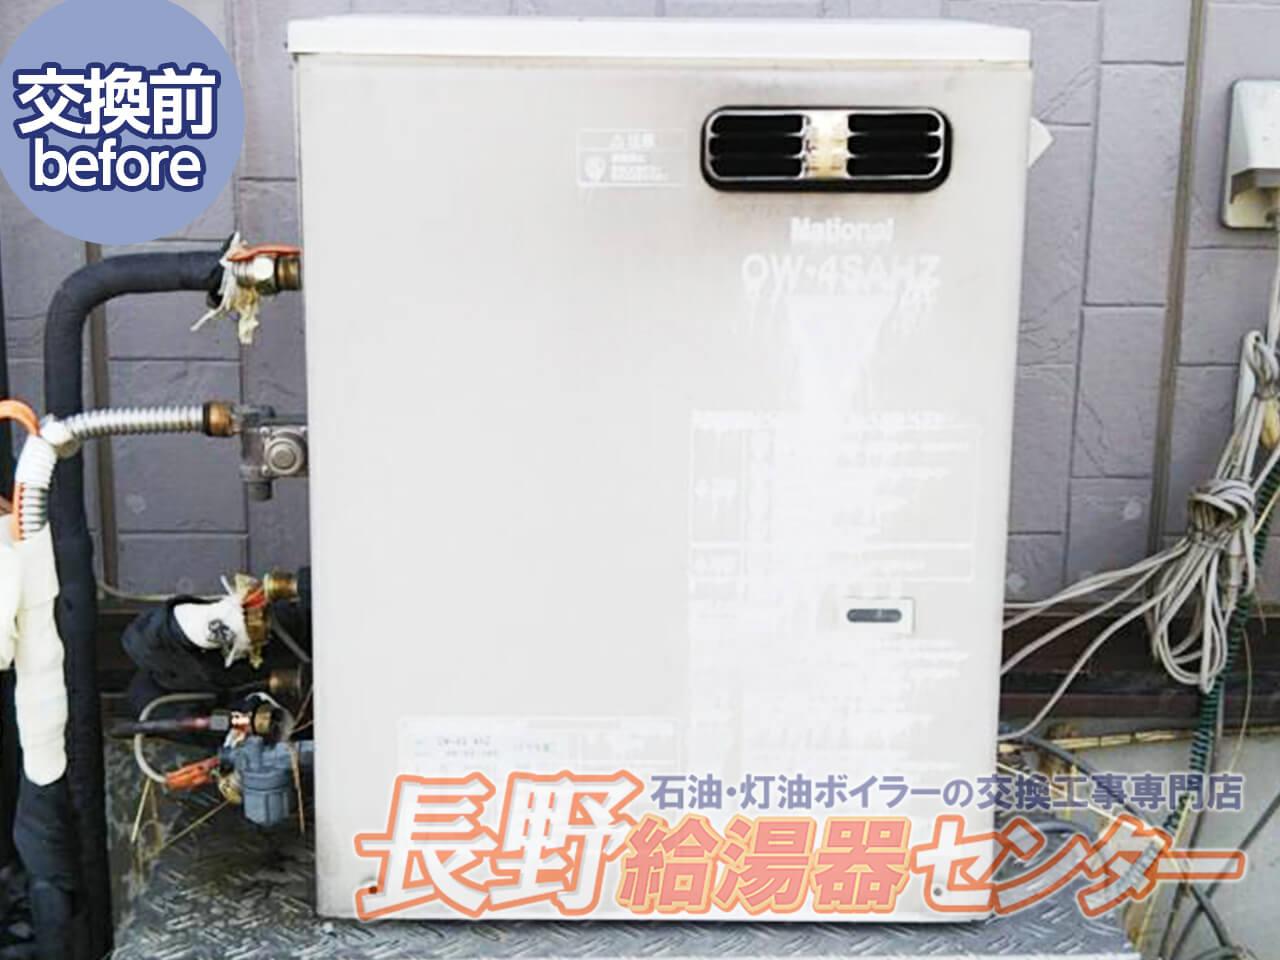 飯田市 OW-4SAHZからUKB-SA380AMXへ交換工事